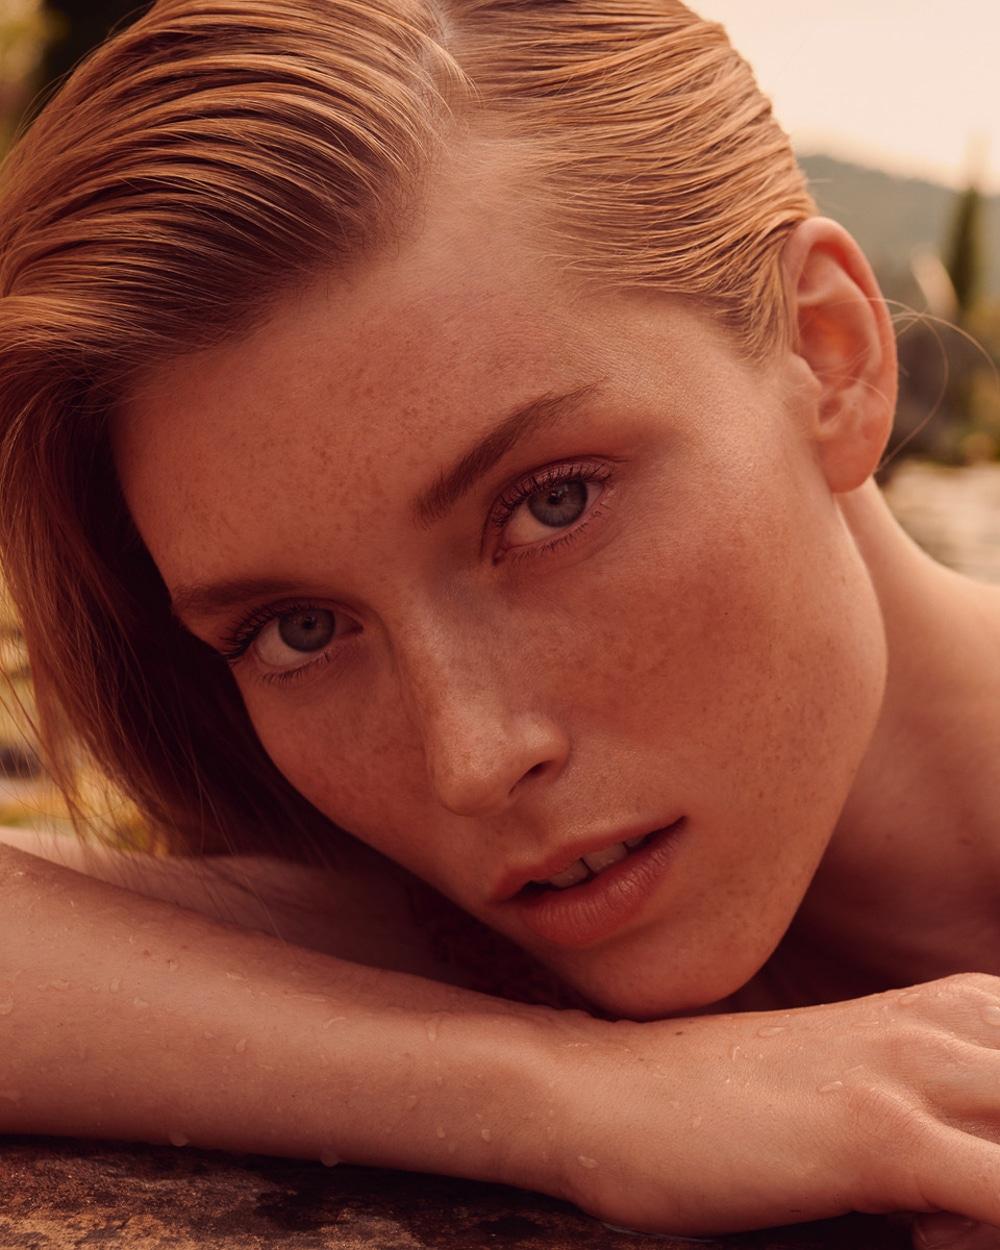 Caroline-Lossberg-Vogue-Portugal-Andreas-Ortner-2.jpg